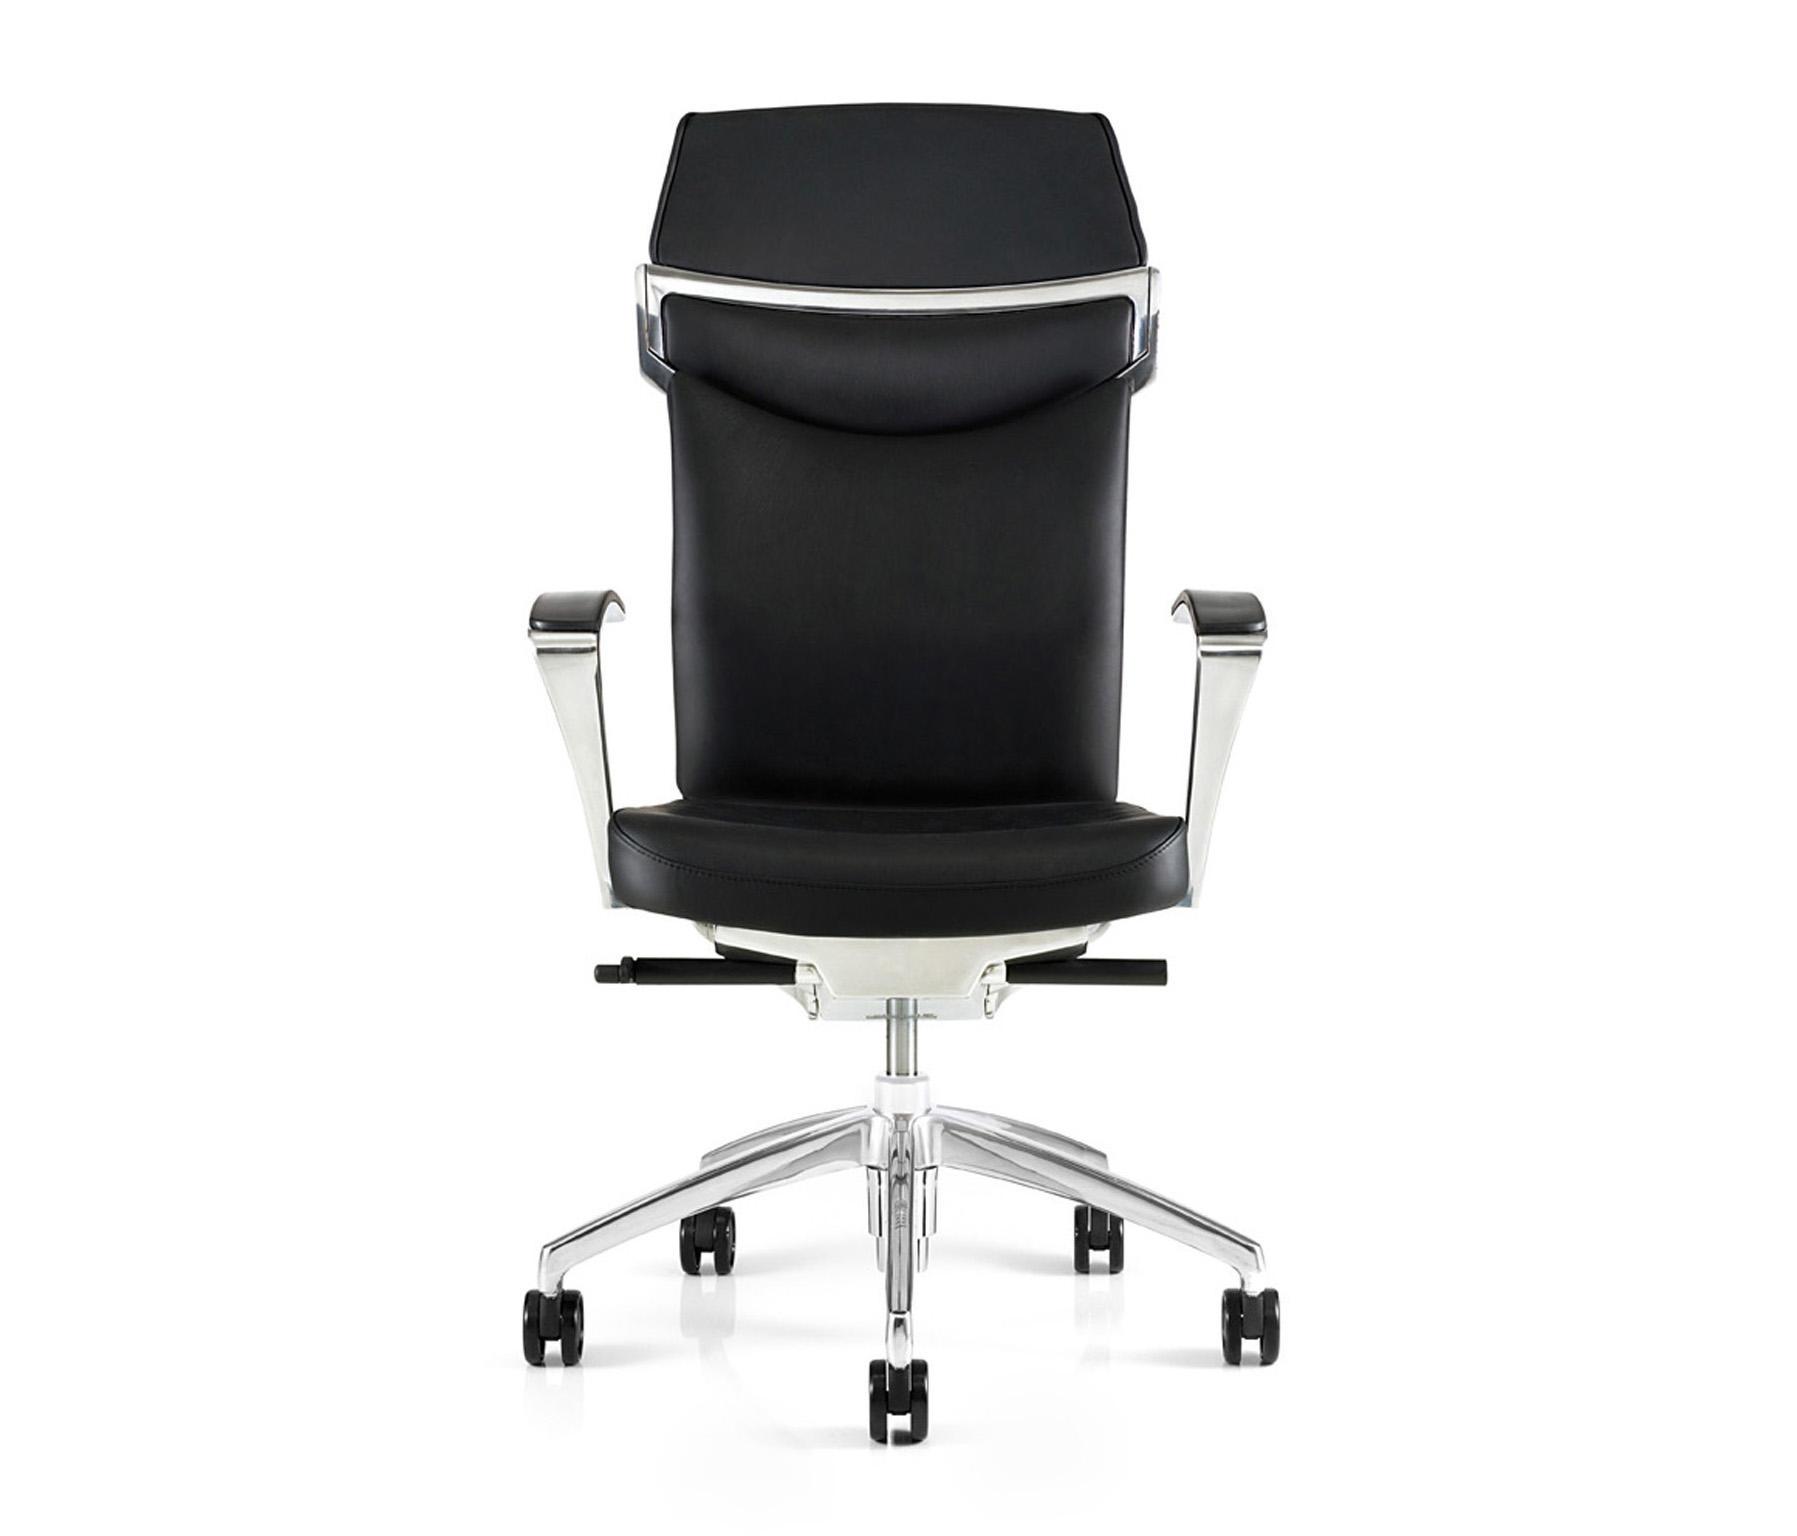 Uniqa sillas ruedas oficina sillas ejecutivas de estel for Sillas ejecutivas para oficina